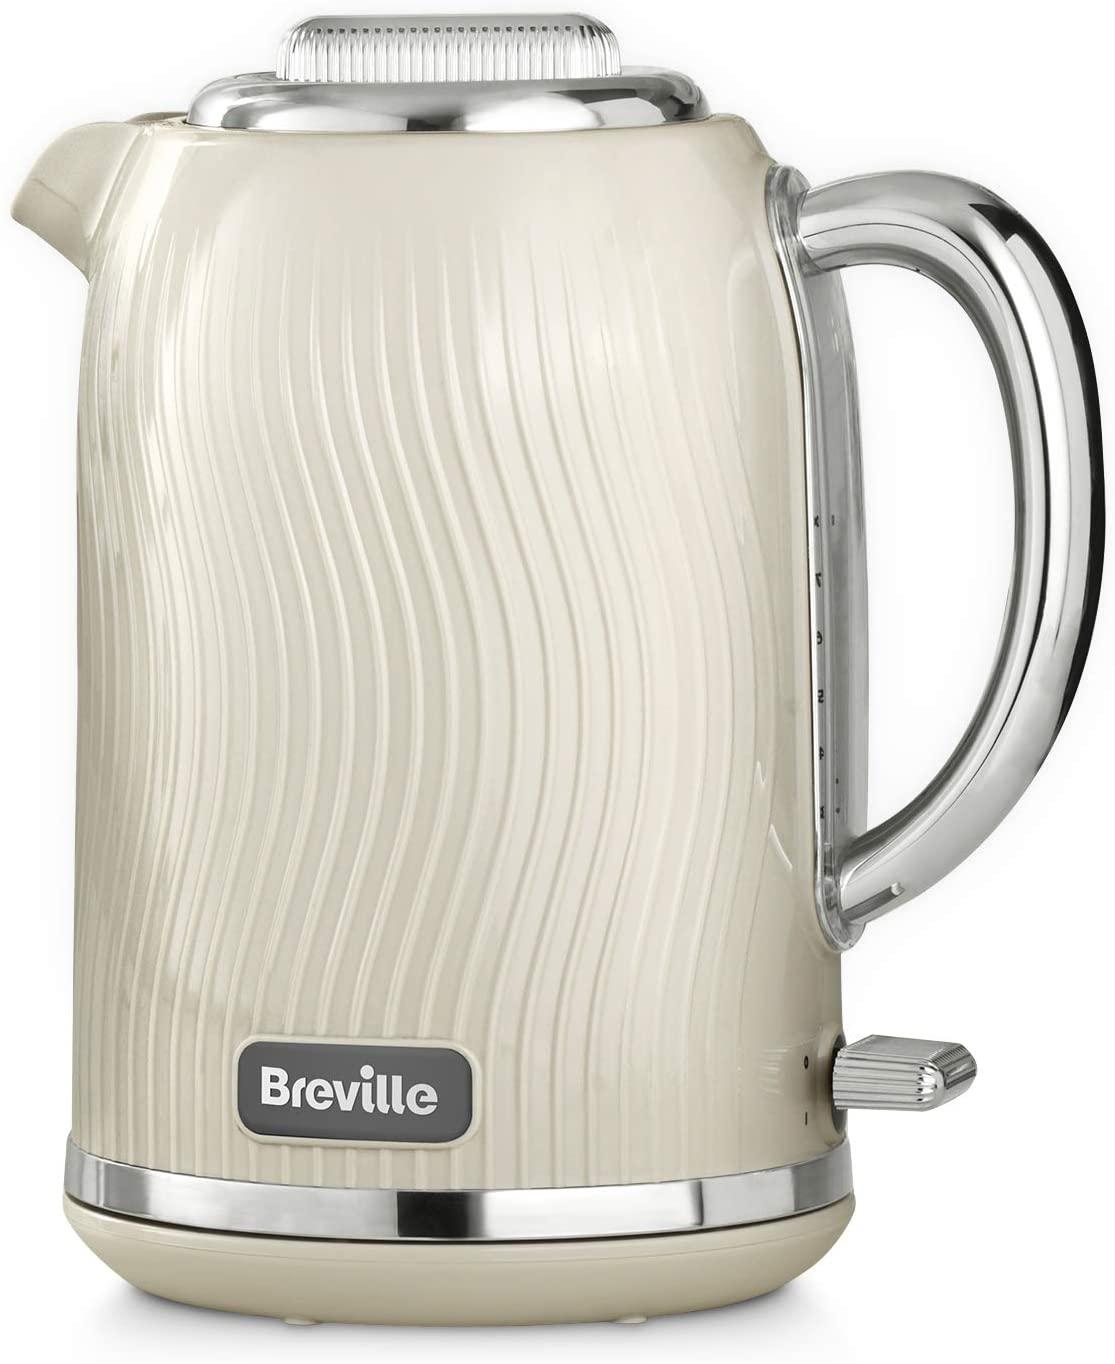 Breville VKT091 Flow Electric Kettle, 3 KW Fast Boil, Mushroom Cream, 1.7 Litre - £24.99 delivered @ Amazon